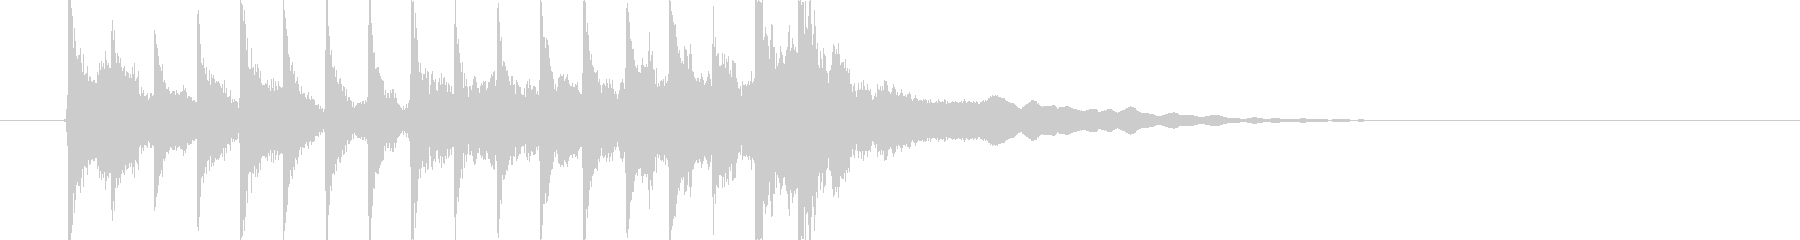 三味線主体の和風ジングル2 掛け声無の未再生の波形